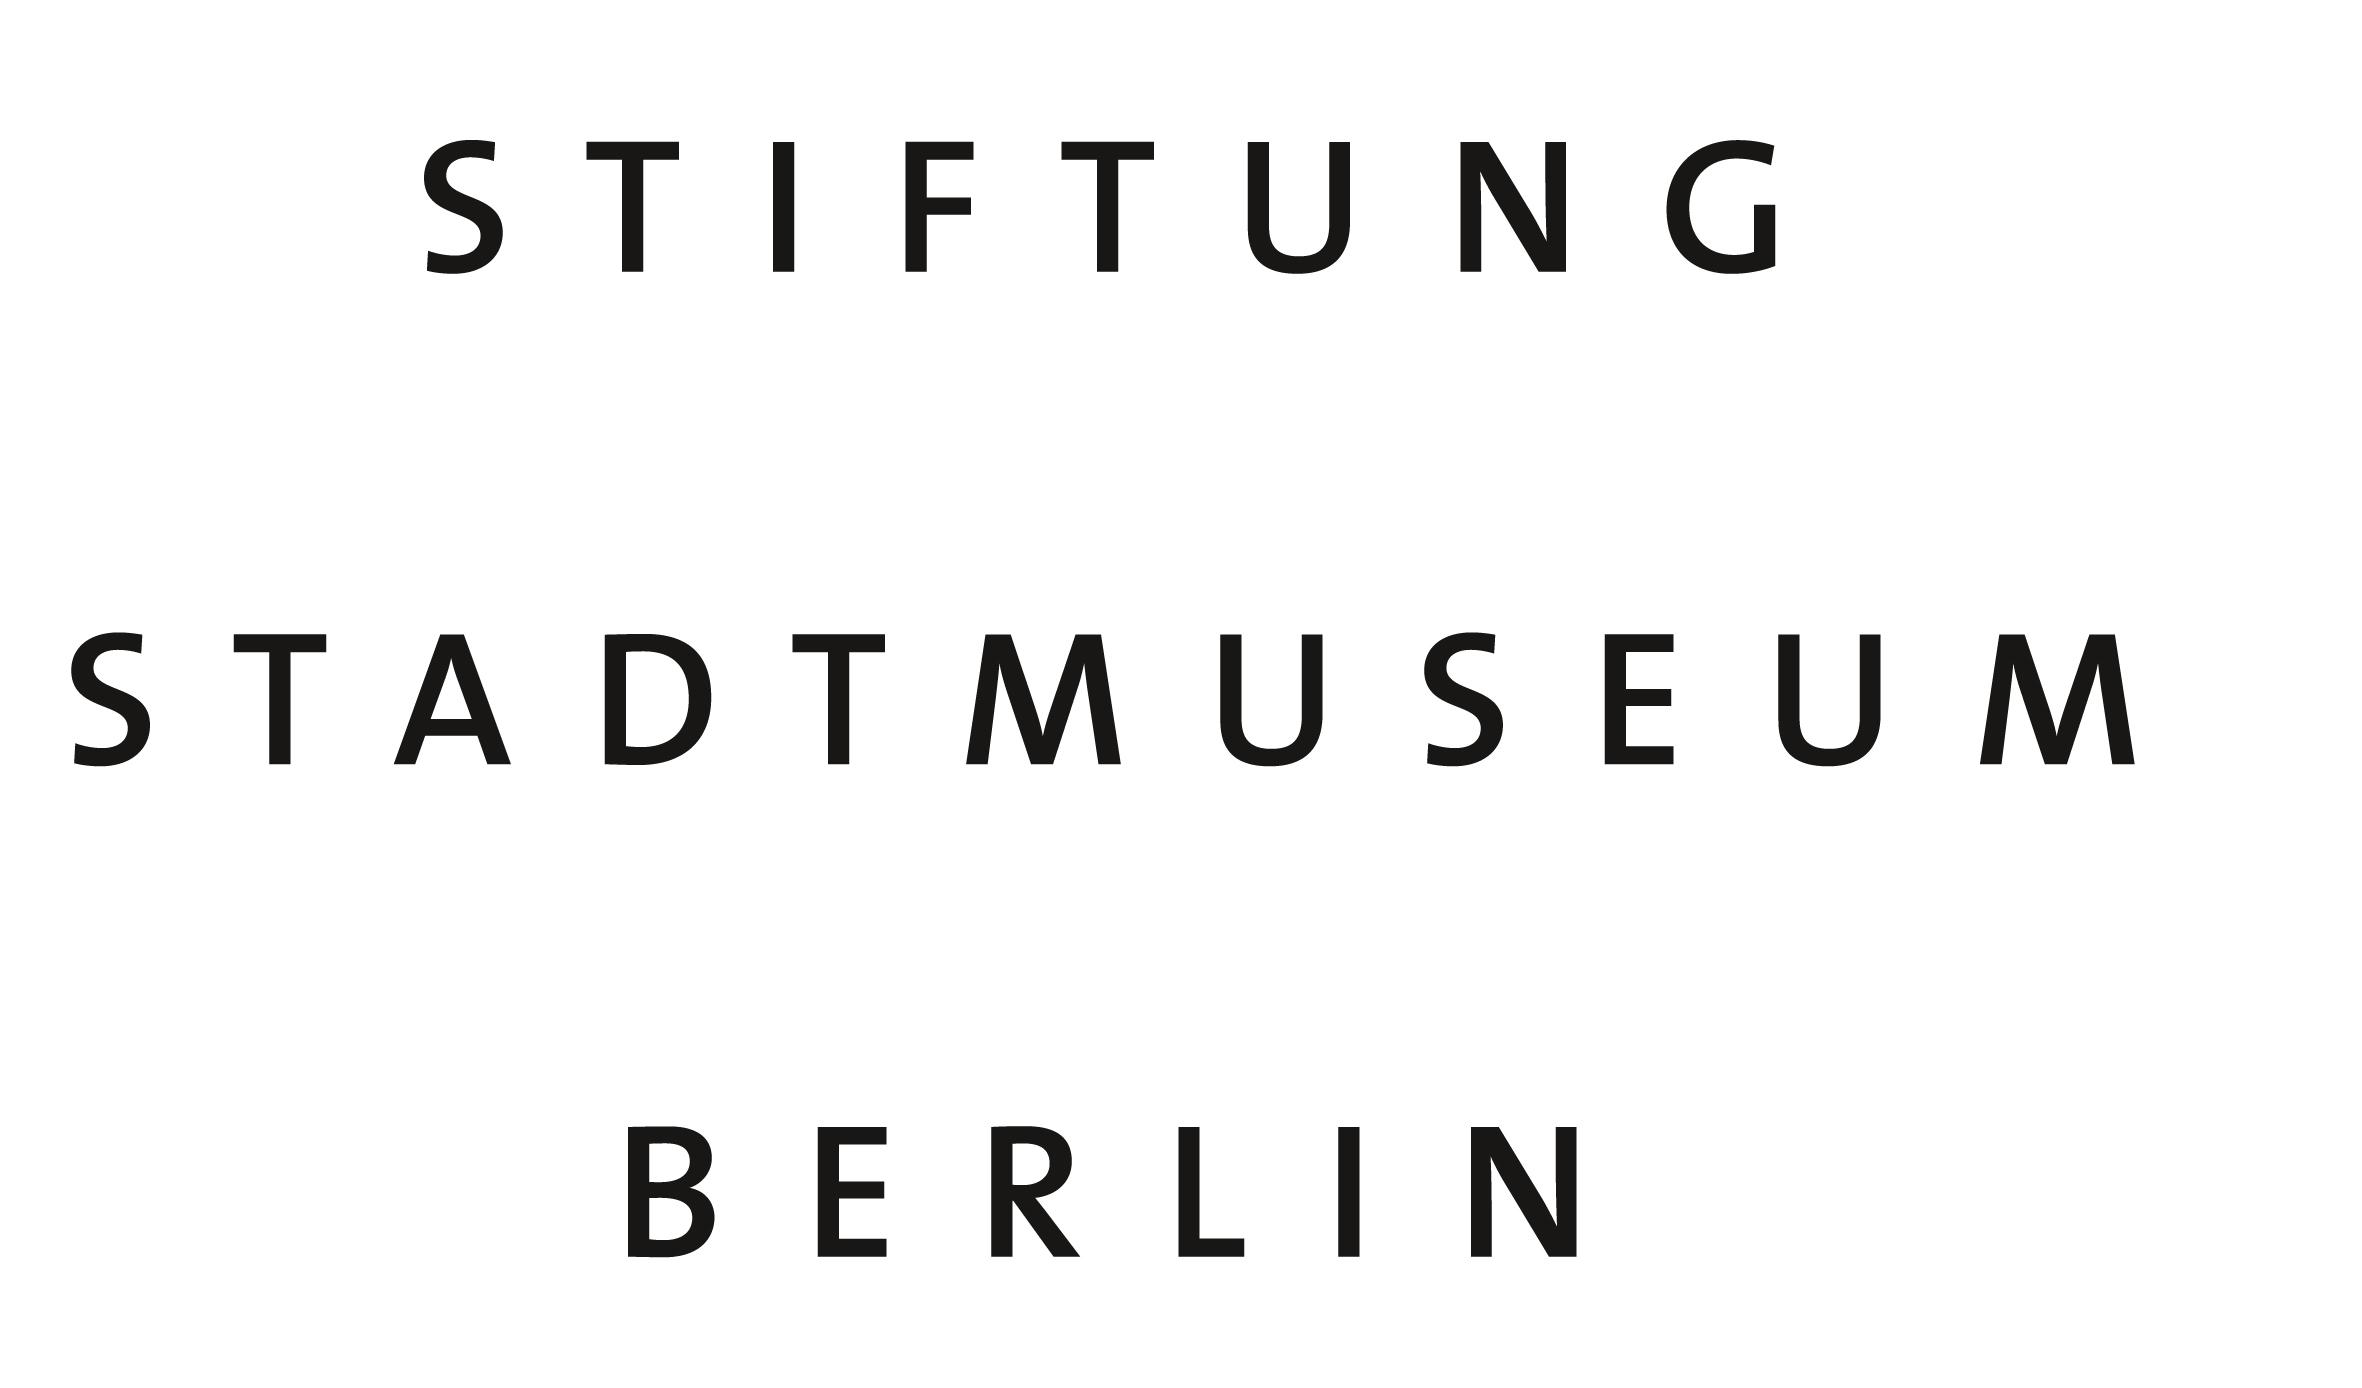 Stadtmuseum Berlin